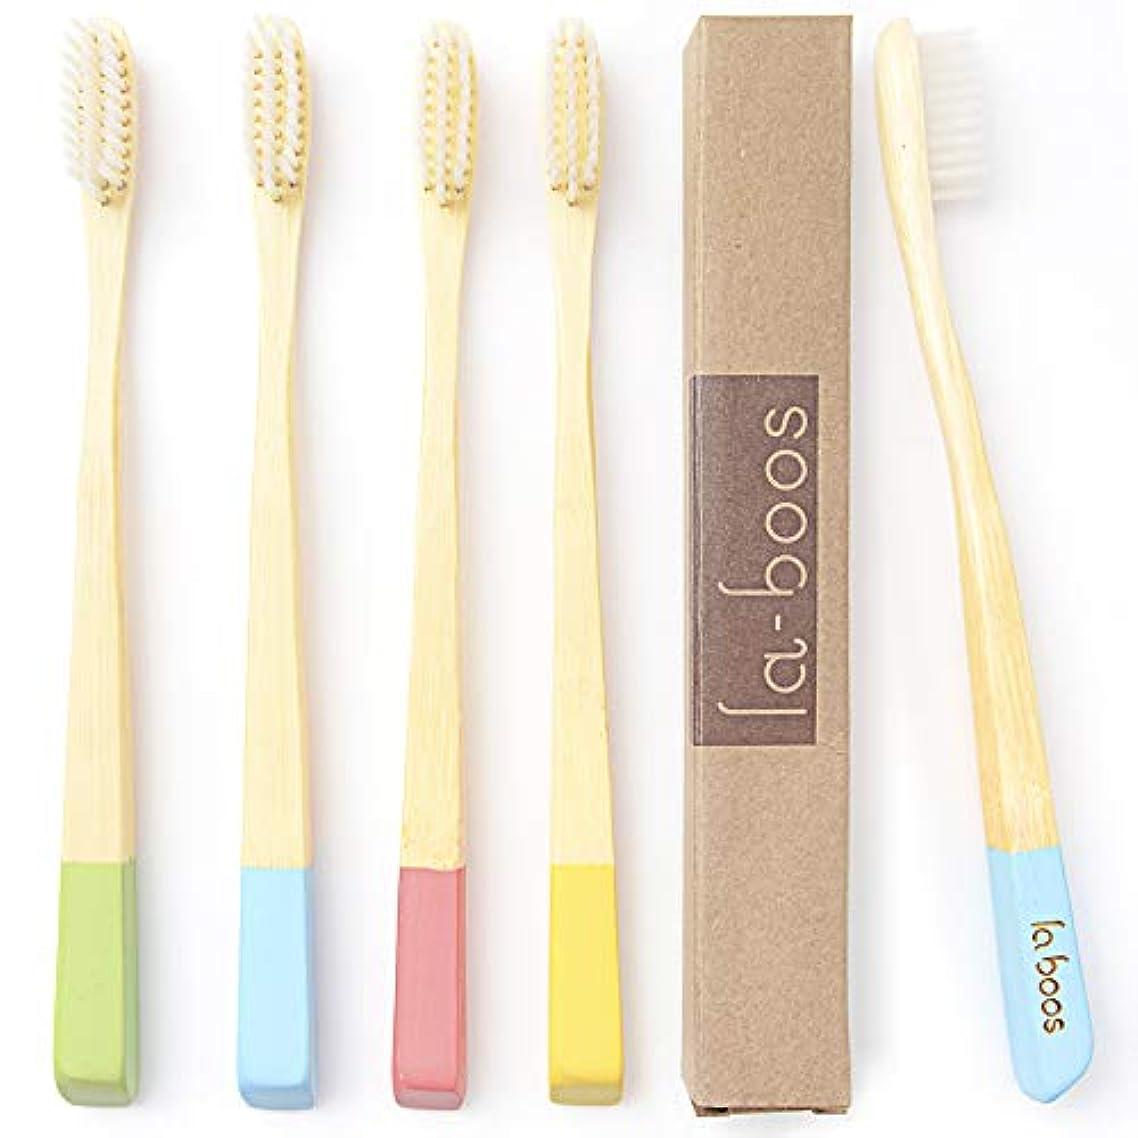 干渉するハブ荒らす大人用竹の歯ブラシ ナイロン毛 環境保護の歯ブラシ【台湾製】(4本入りセット)I By laboos